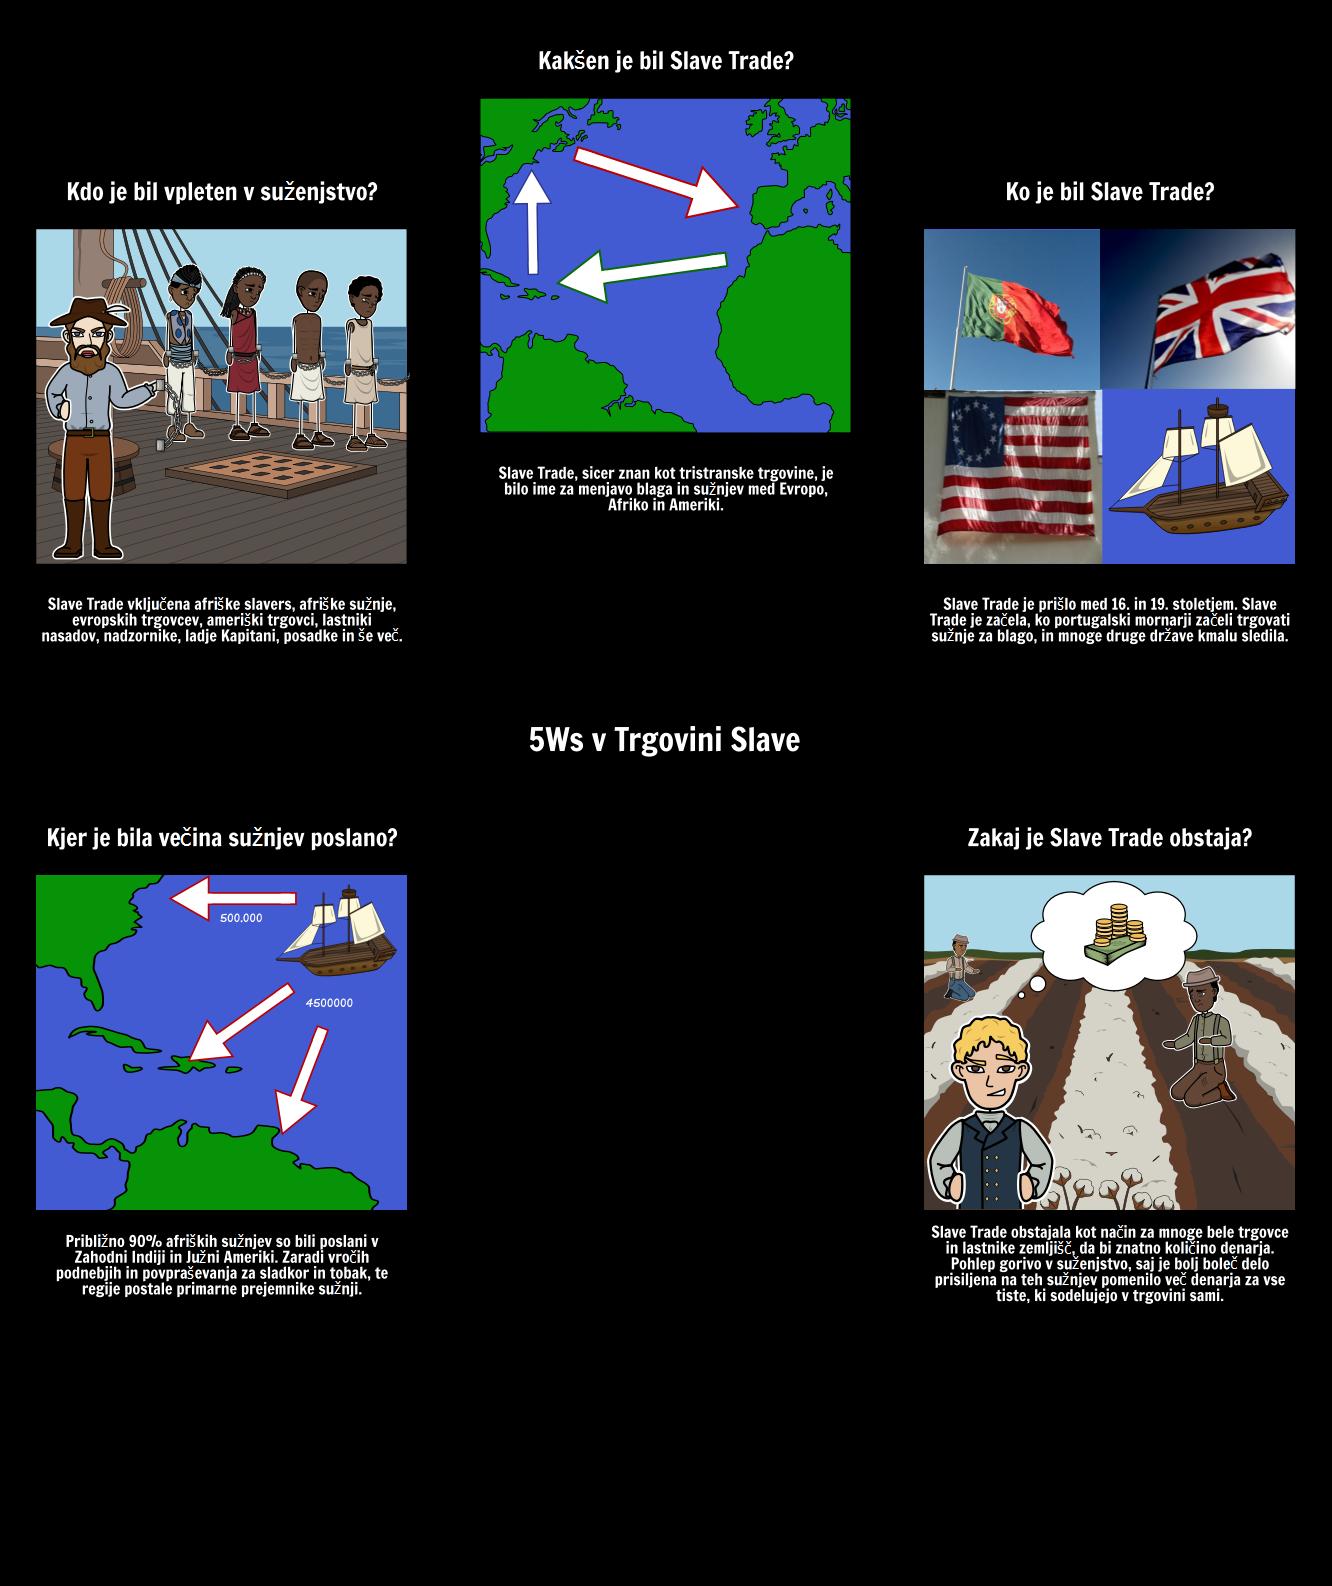 5Ws v Trgovini Slave